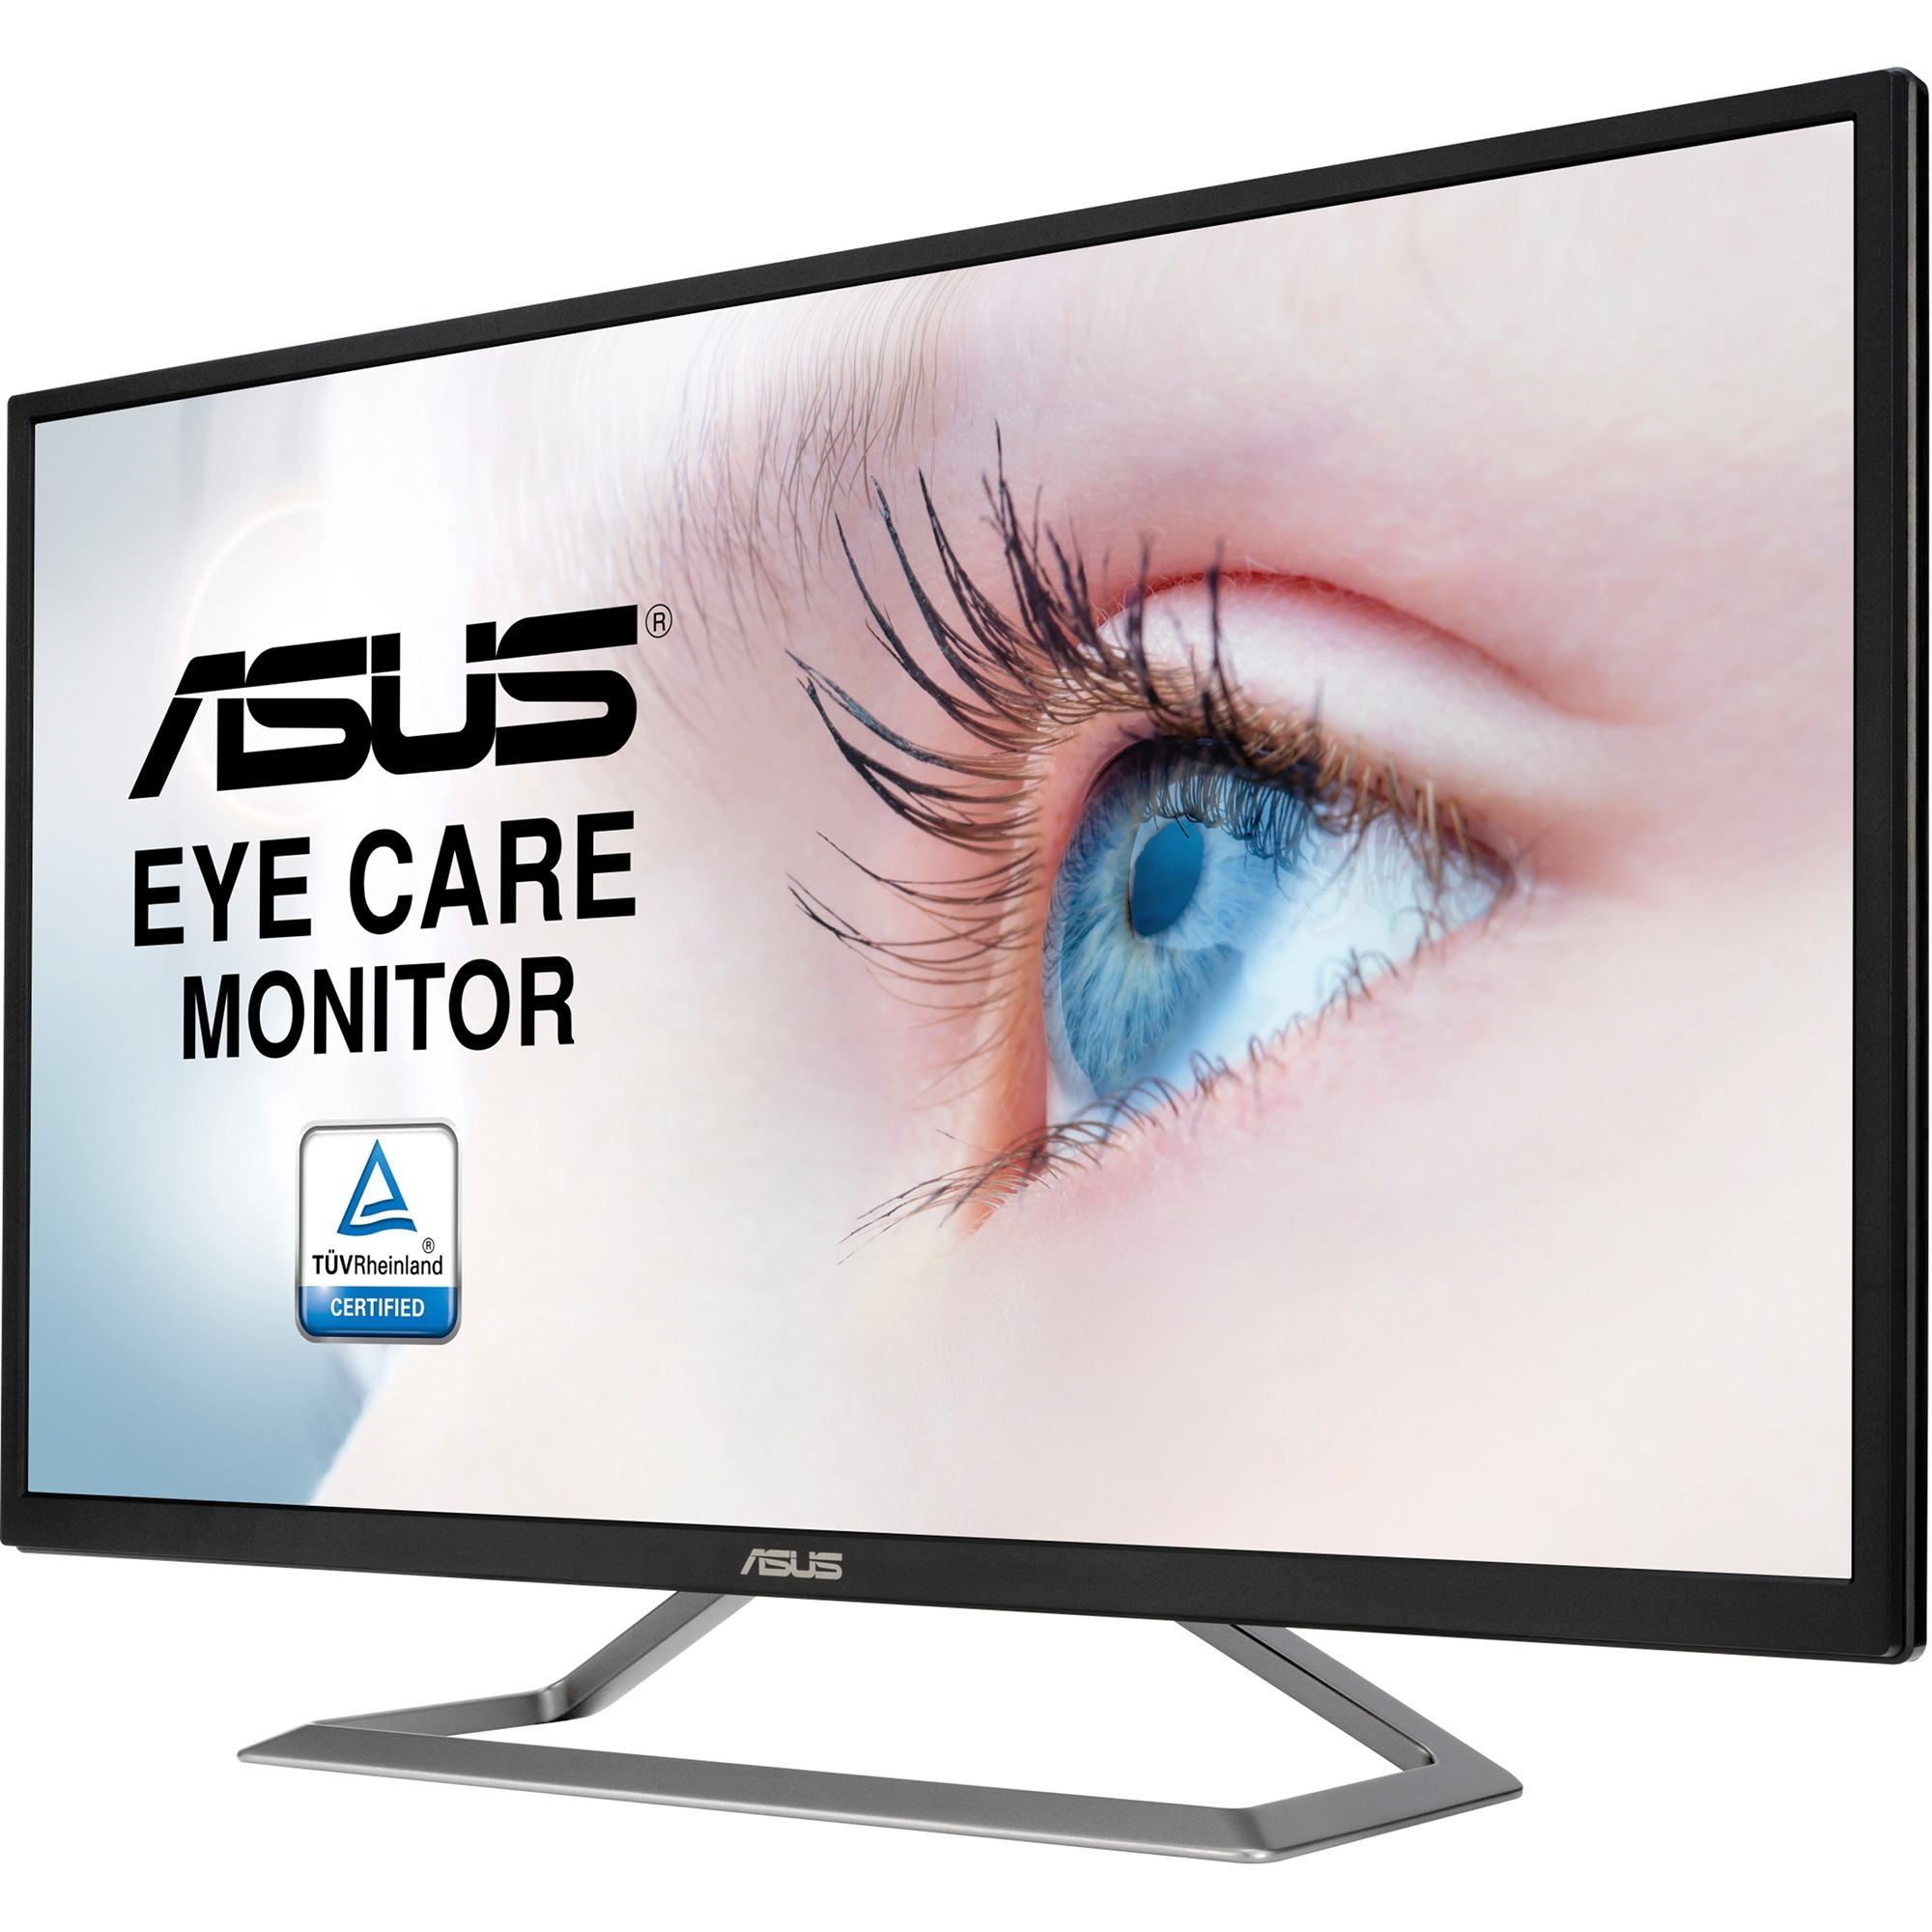 """Asus VA32UQ 31.5"""" 4K UHD LED Gaming LCD Monitor - 16:9 - Black, Silver_subImage_1"""